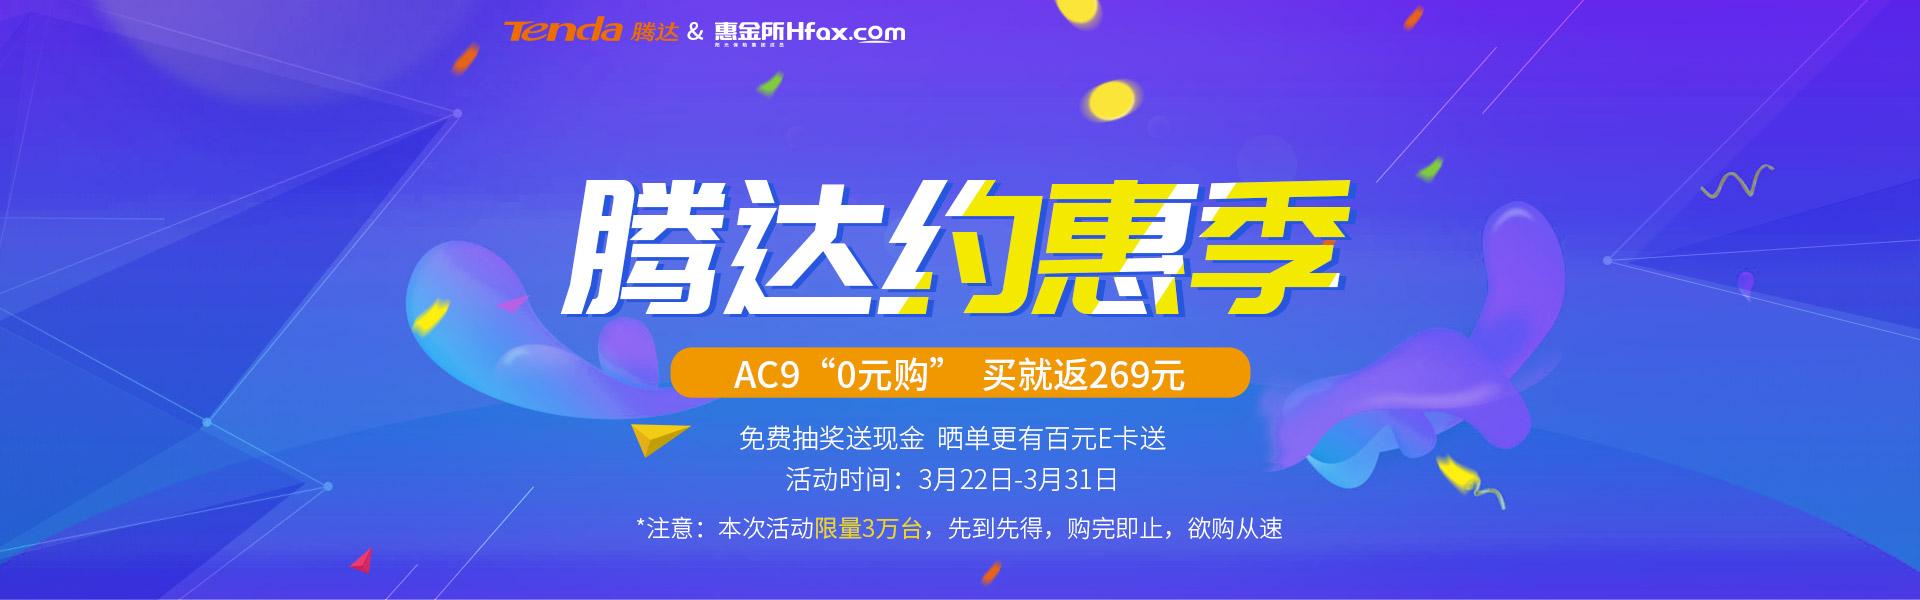 0撸腾达AC9 1200M无线路由器还可获得20元京东e卡奖励